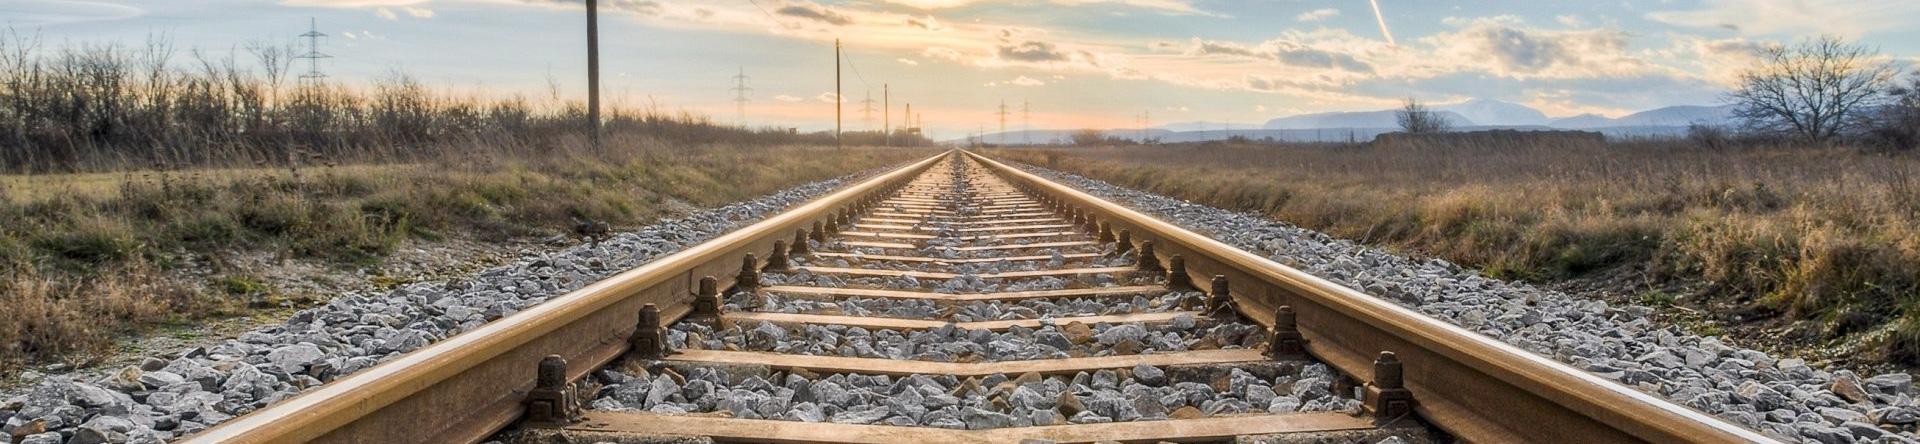 railwayContact